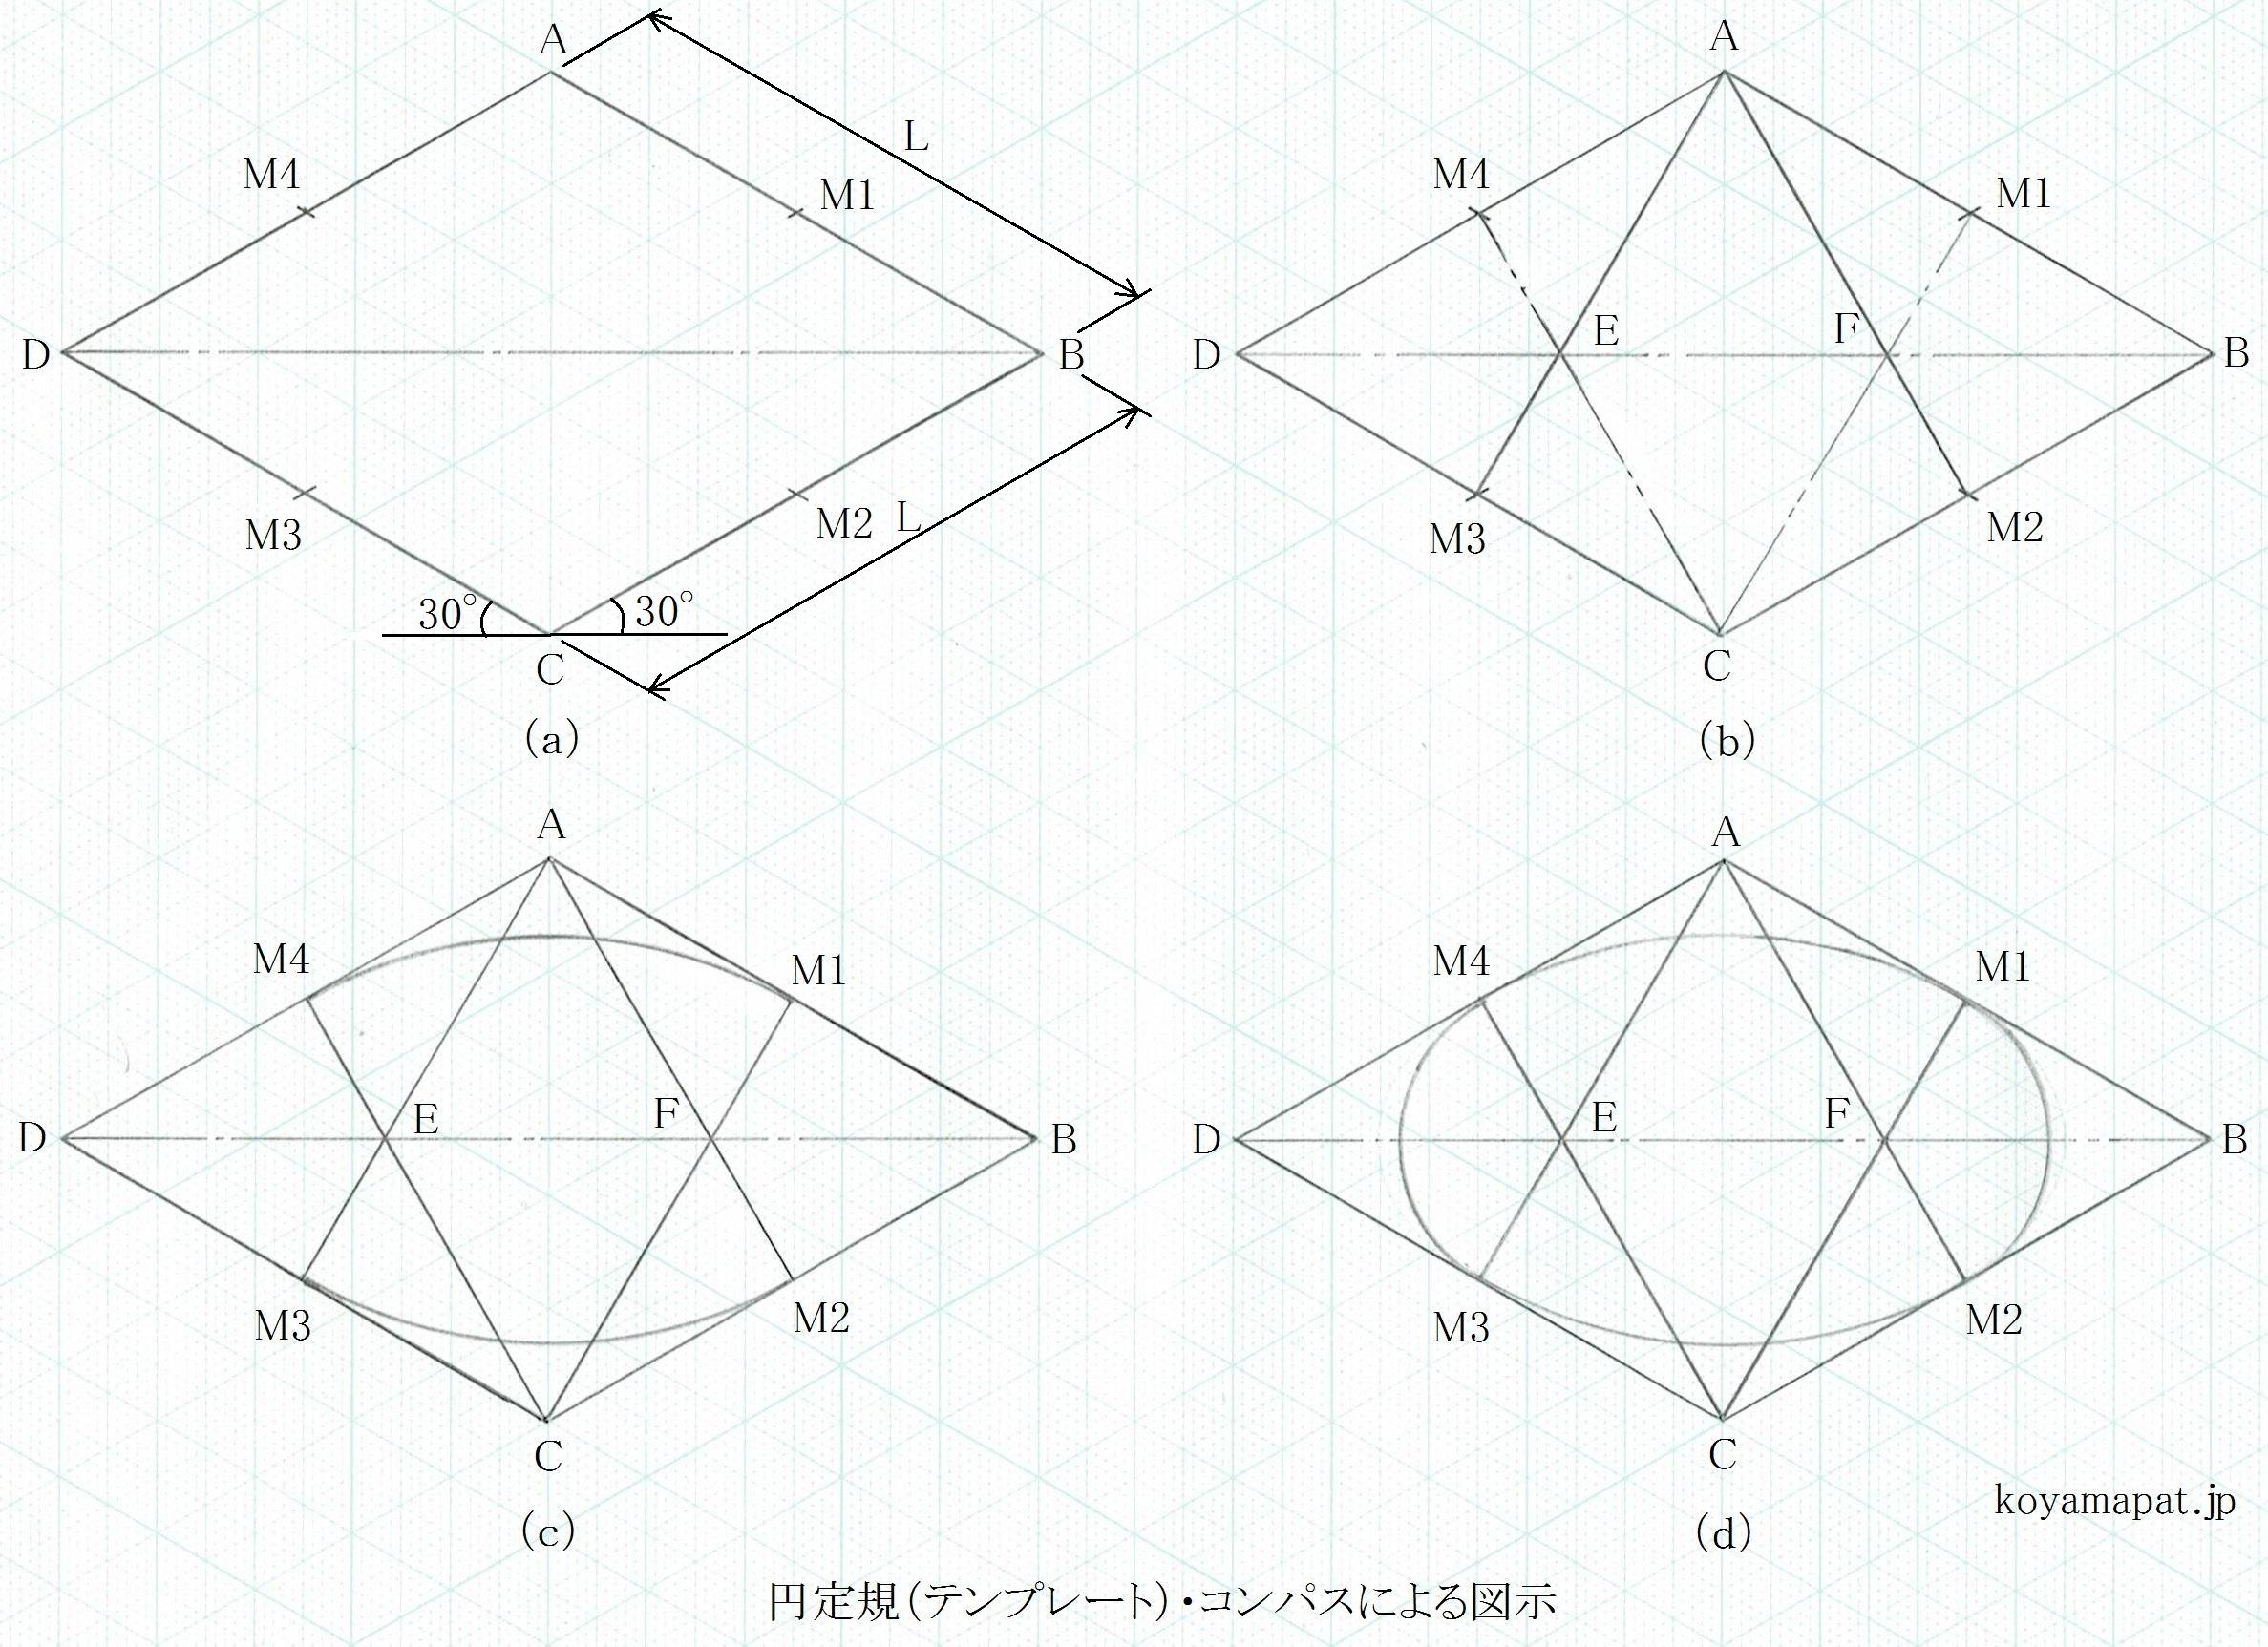 コンパスによる楕円の作図・図示